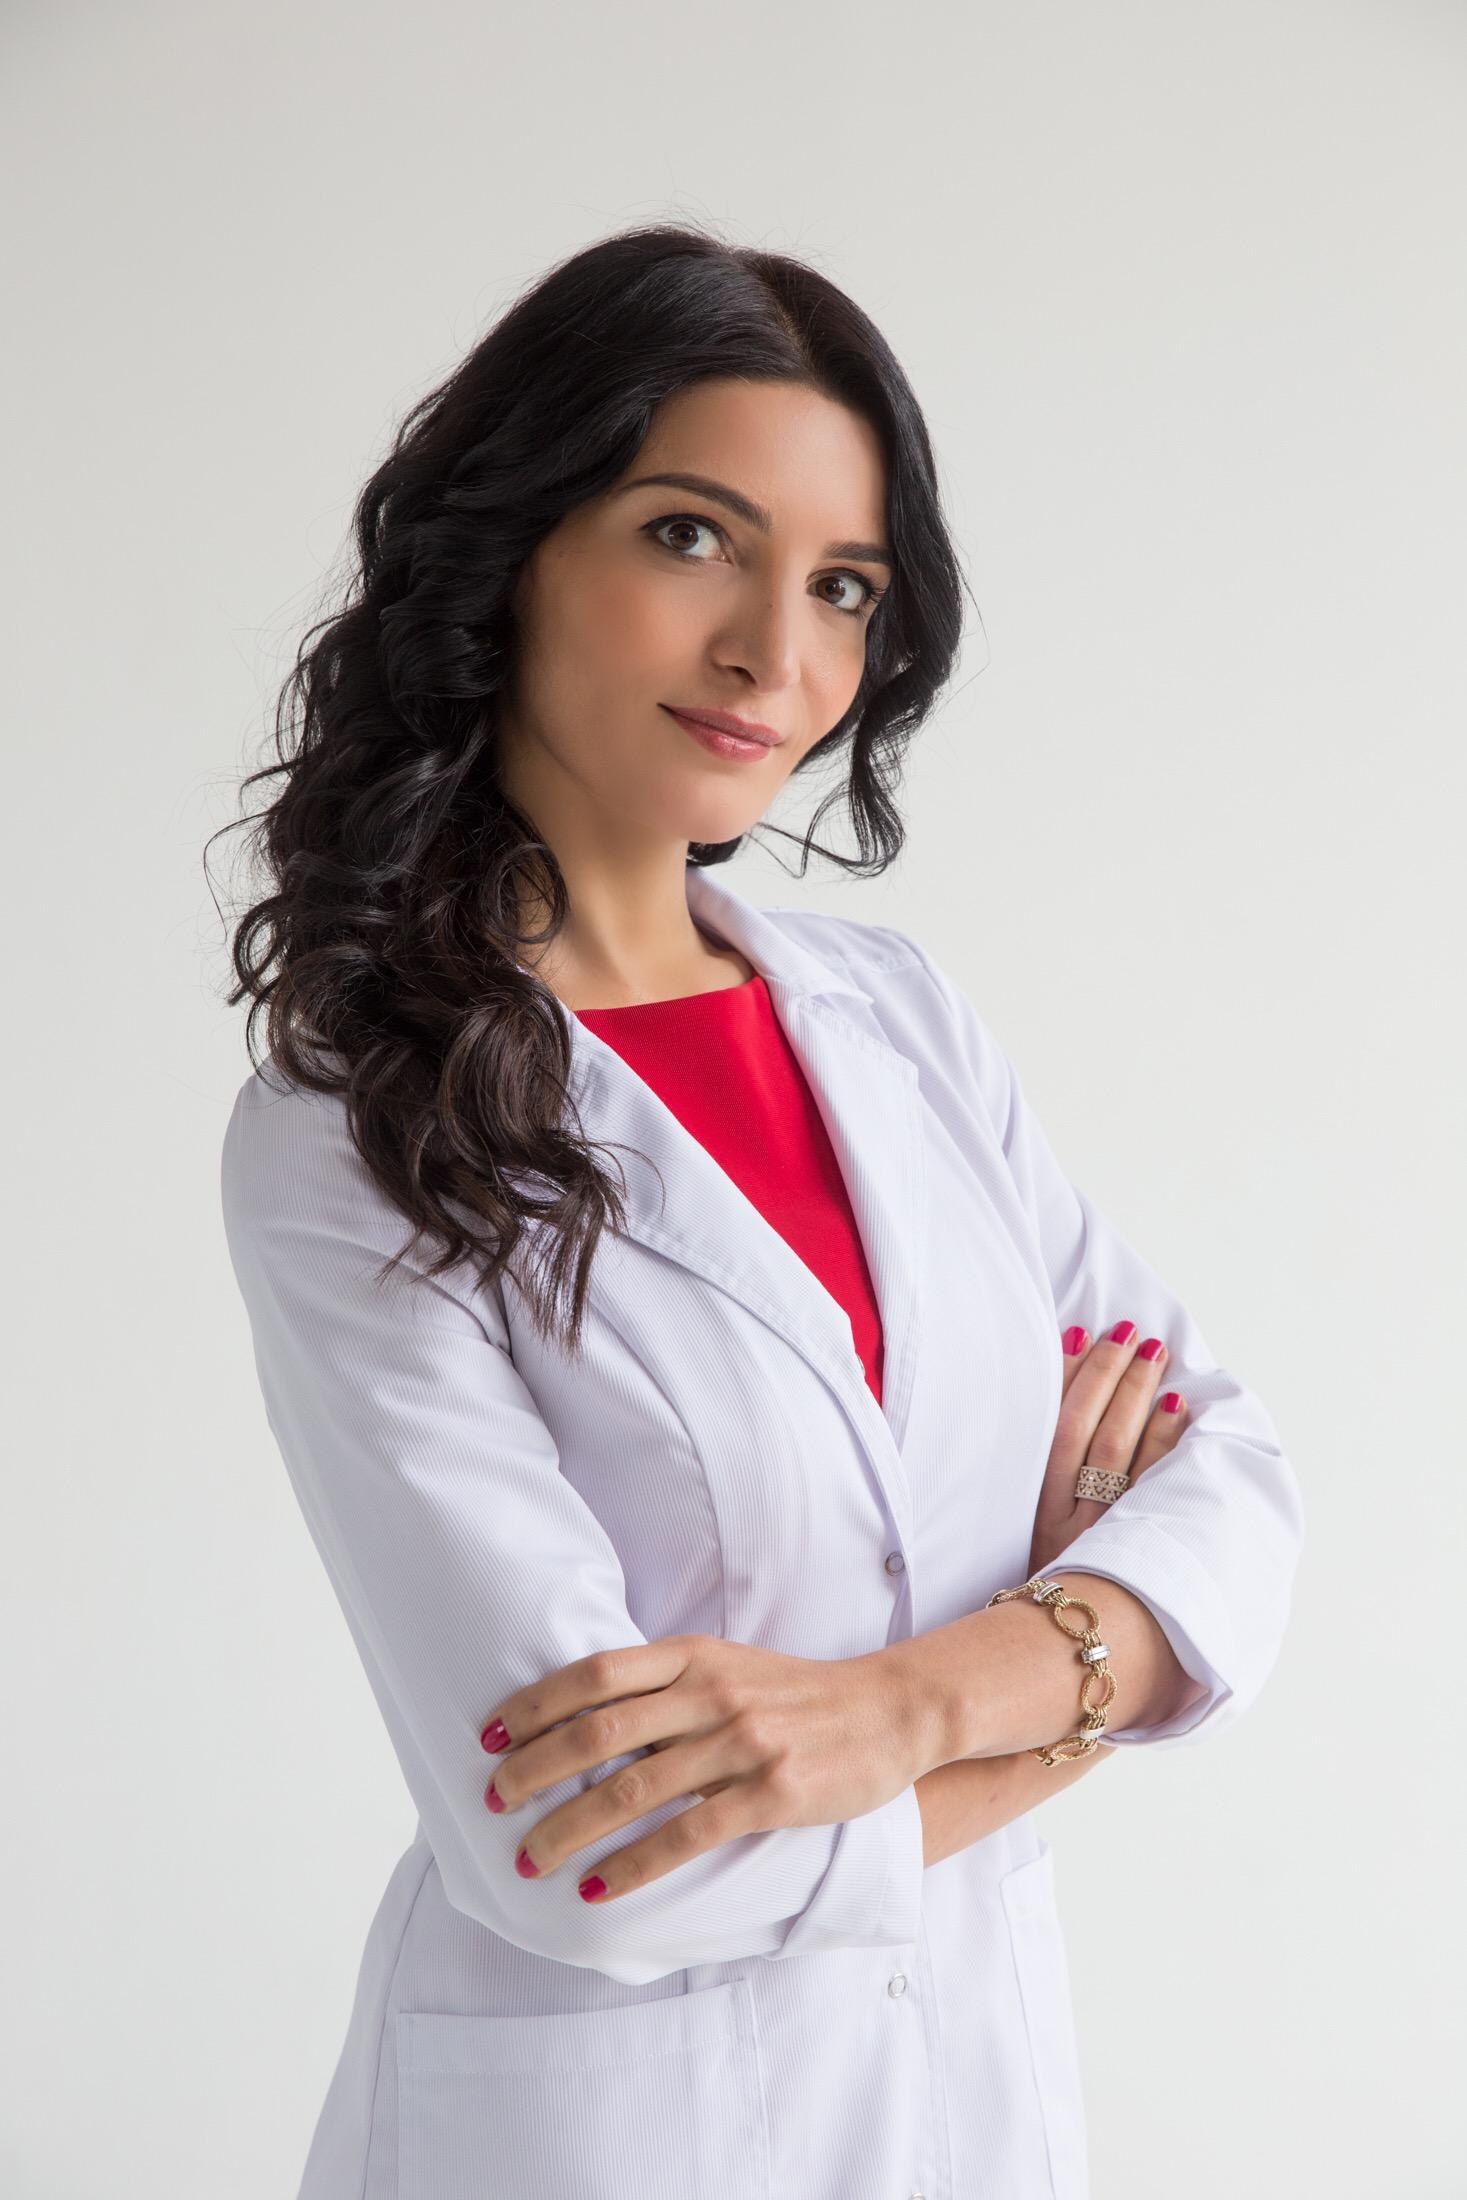 Отхозория Алёна Радионовна 12.2017 г. , клиника АндроМеда